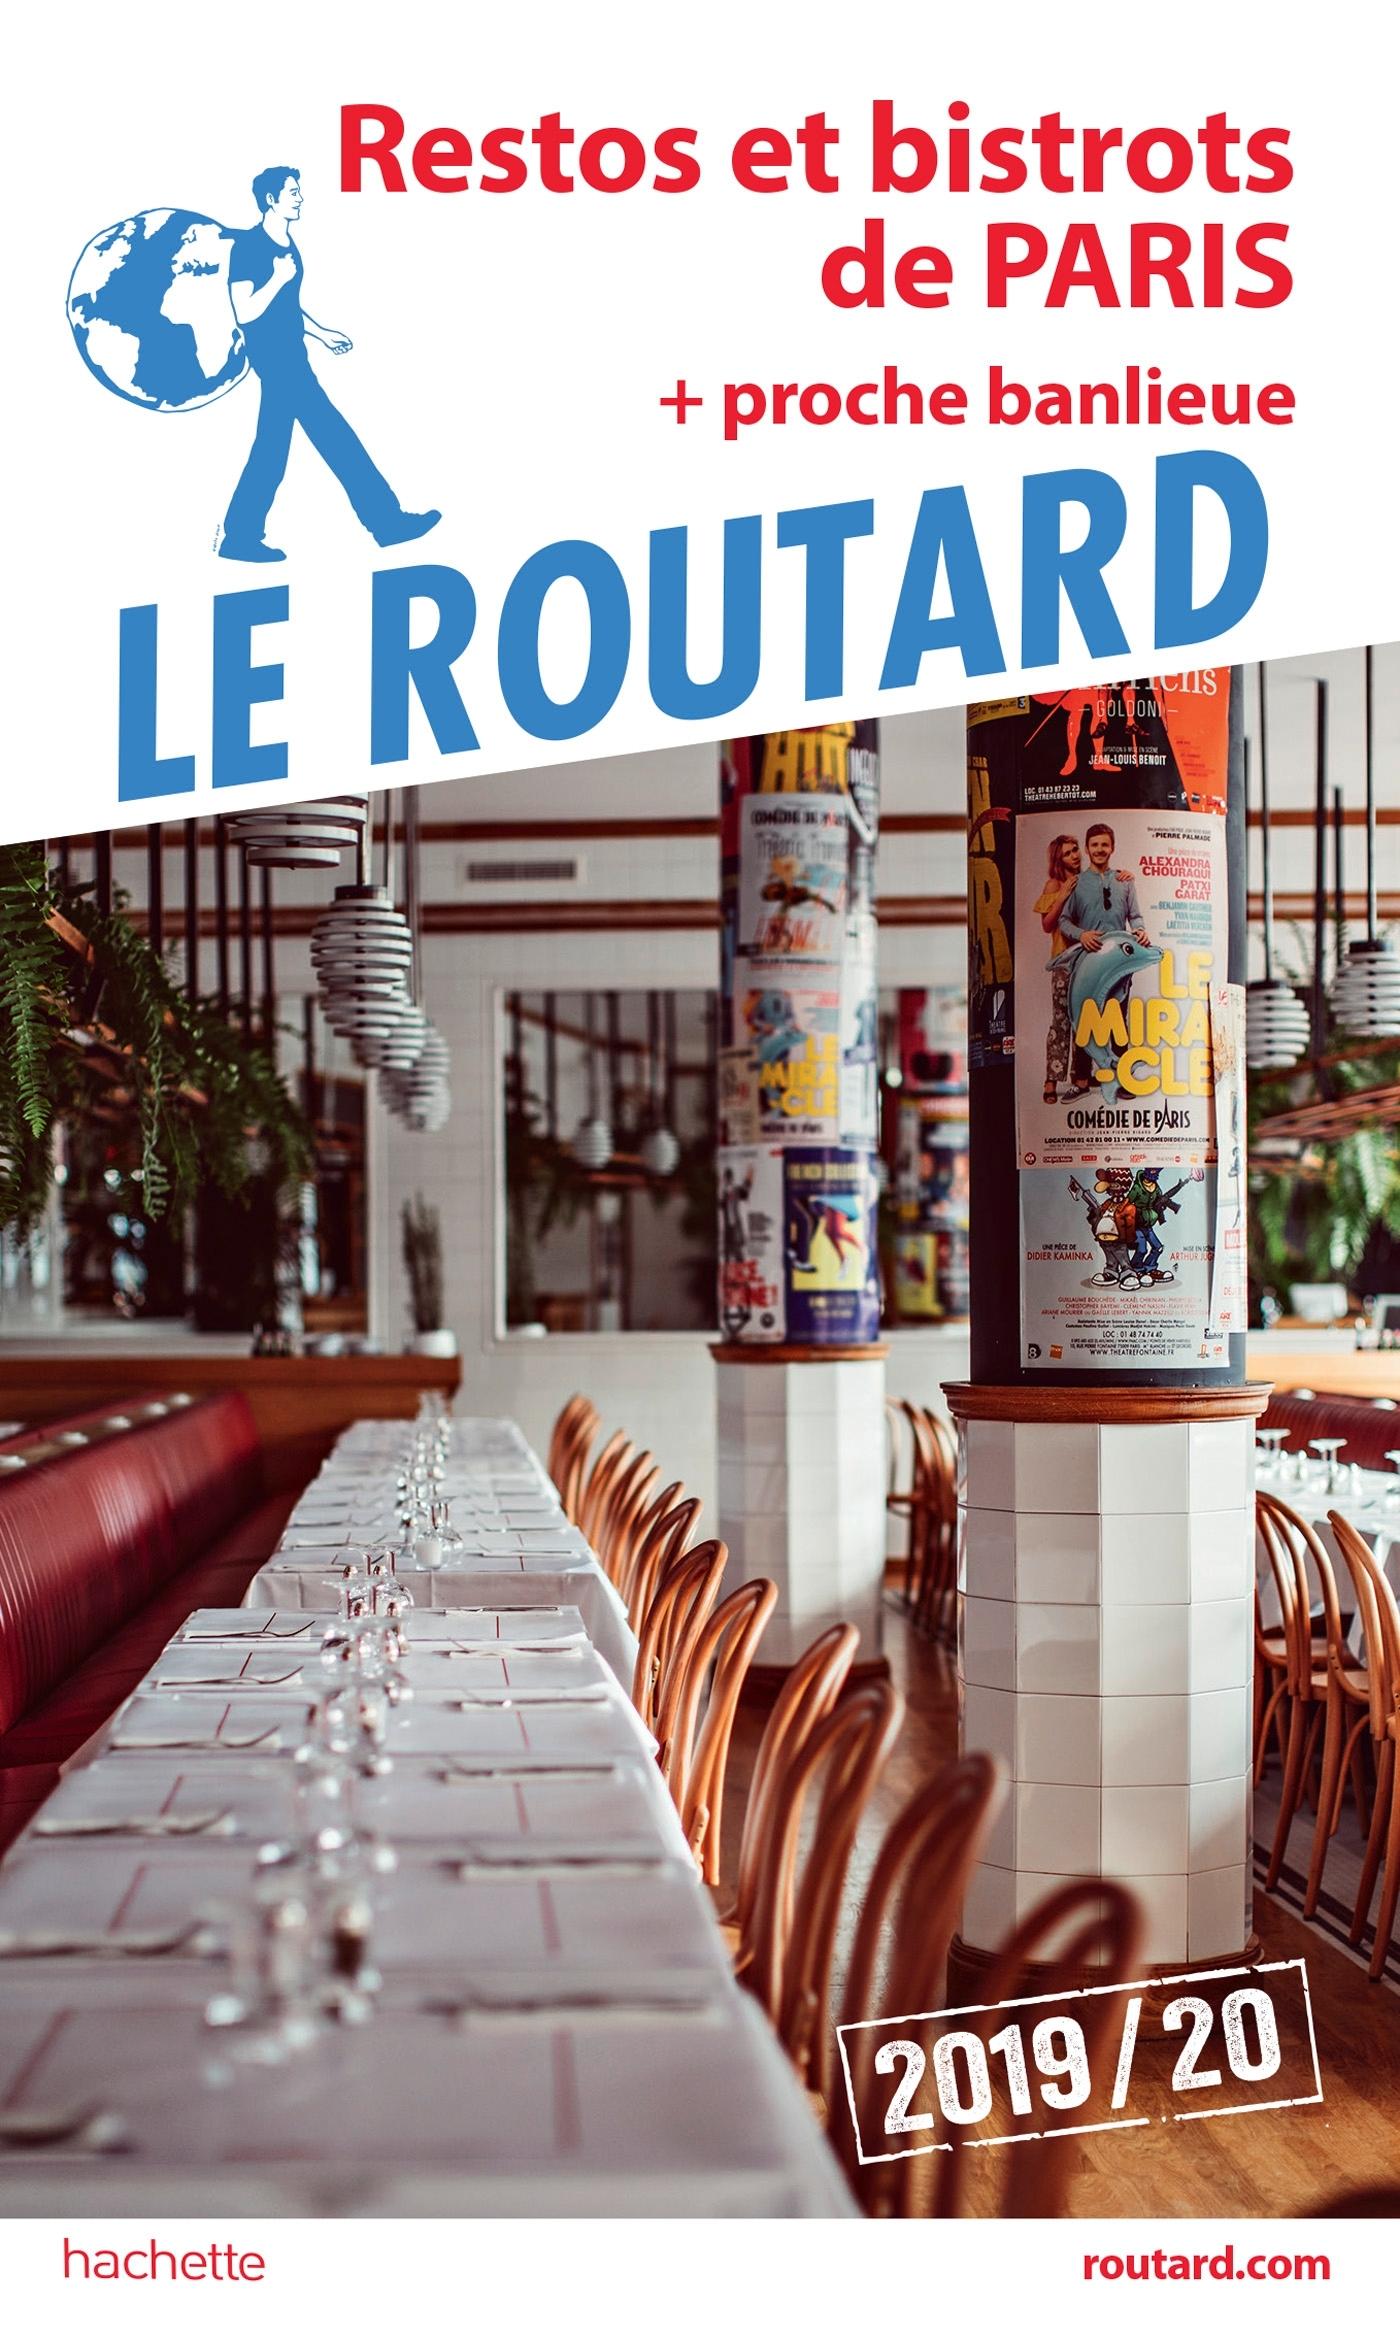 GUIDE DU ROUTARD RESTOS ET BISTROS DE PARIS (+PROCHE BANLIEUE) 2019/20 - + PROCHE BANLIEUE